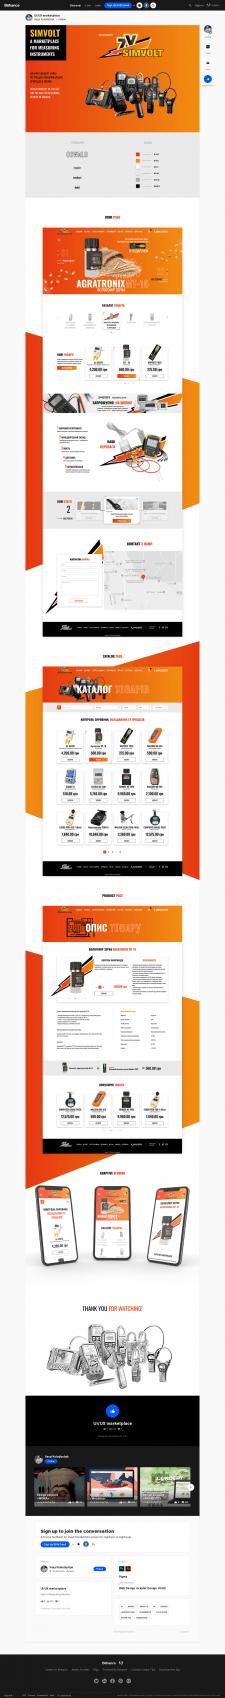 UI/UX-marketplace